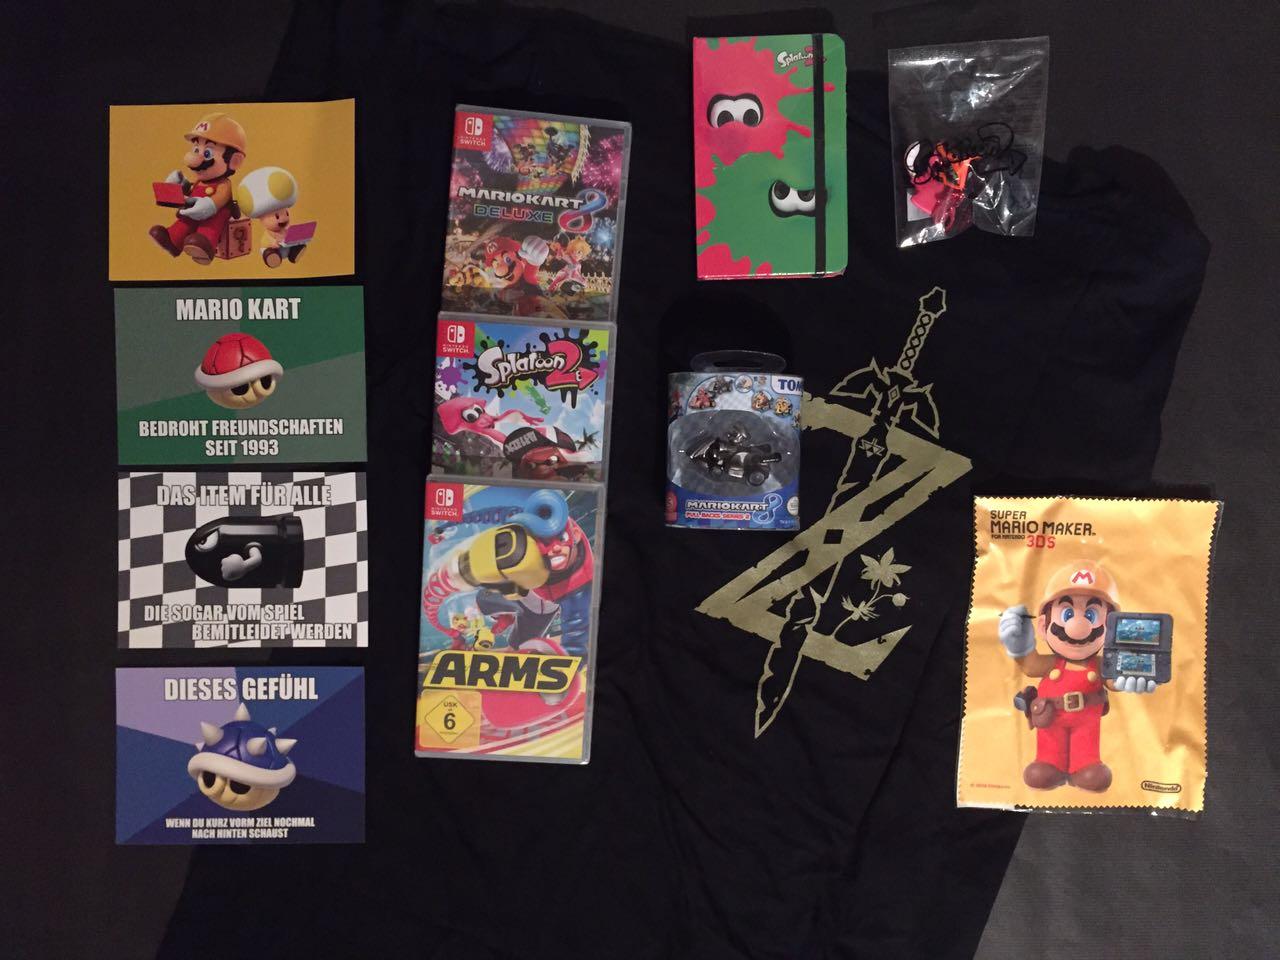 Nintendo-Gewinnspielwochen-Gewinn